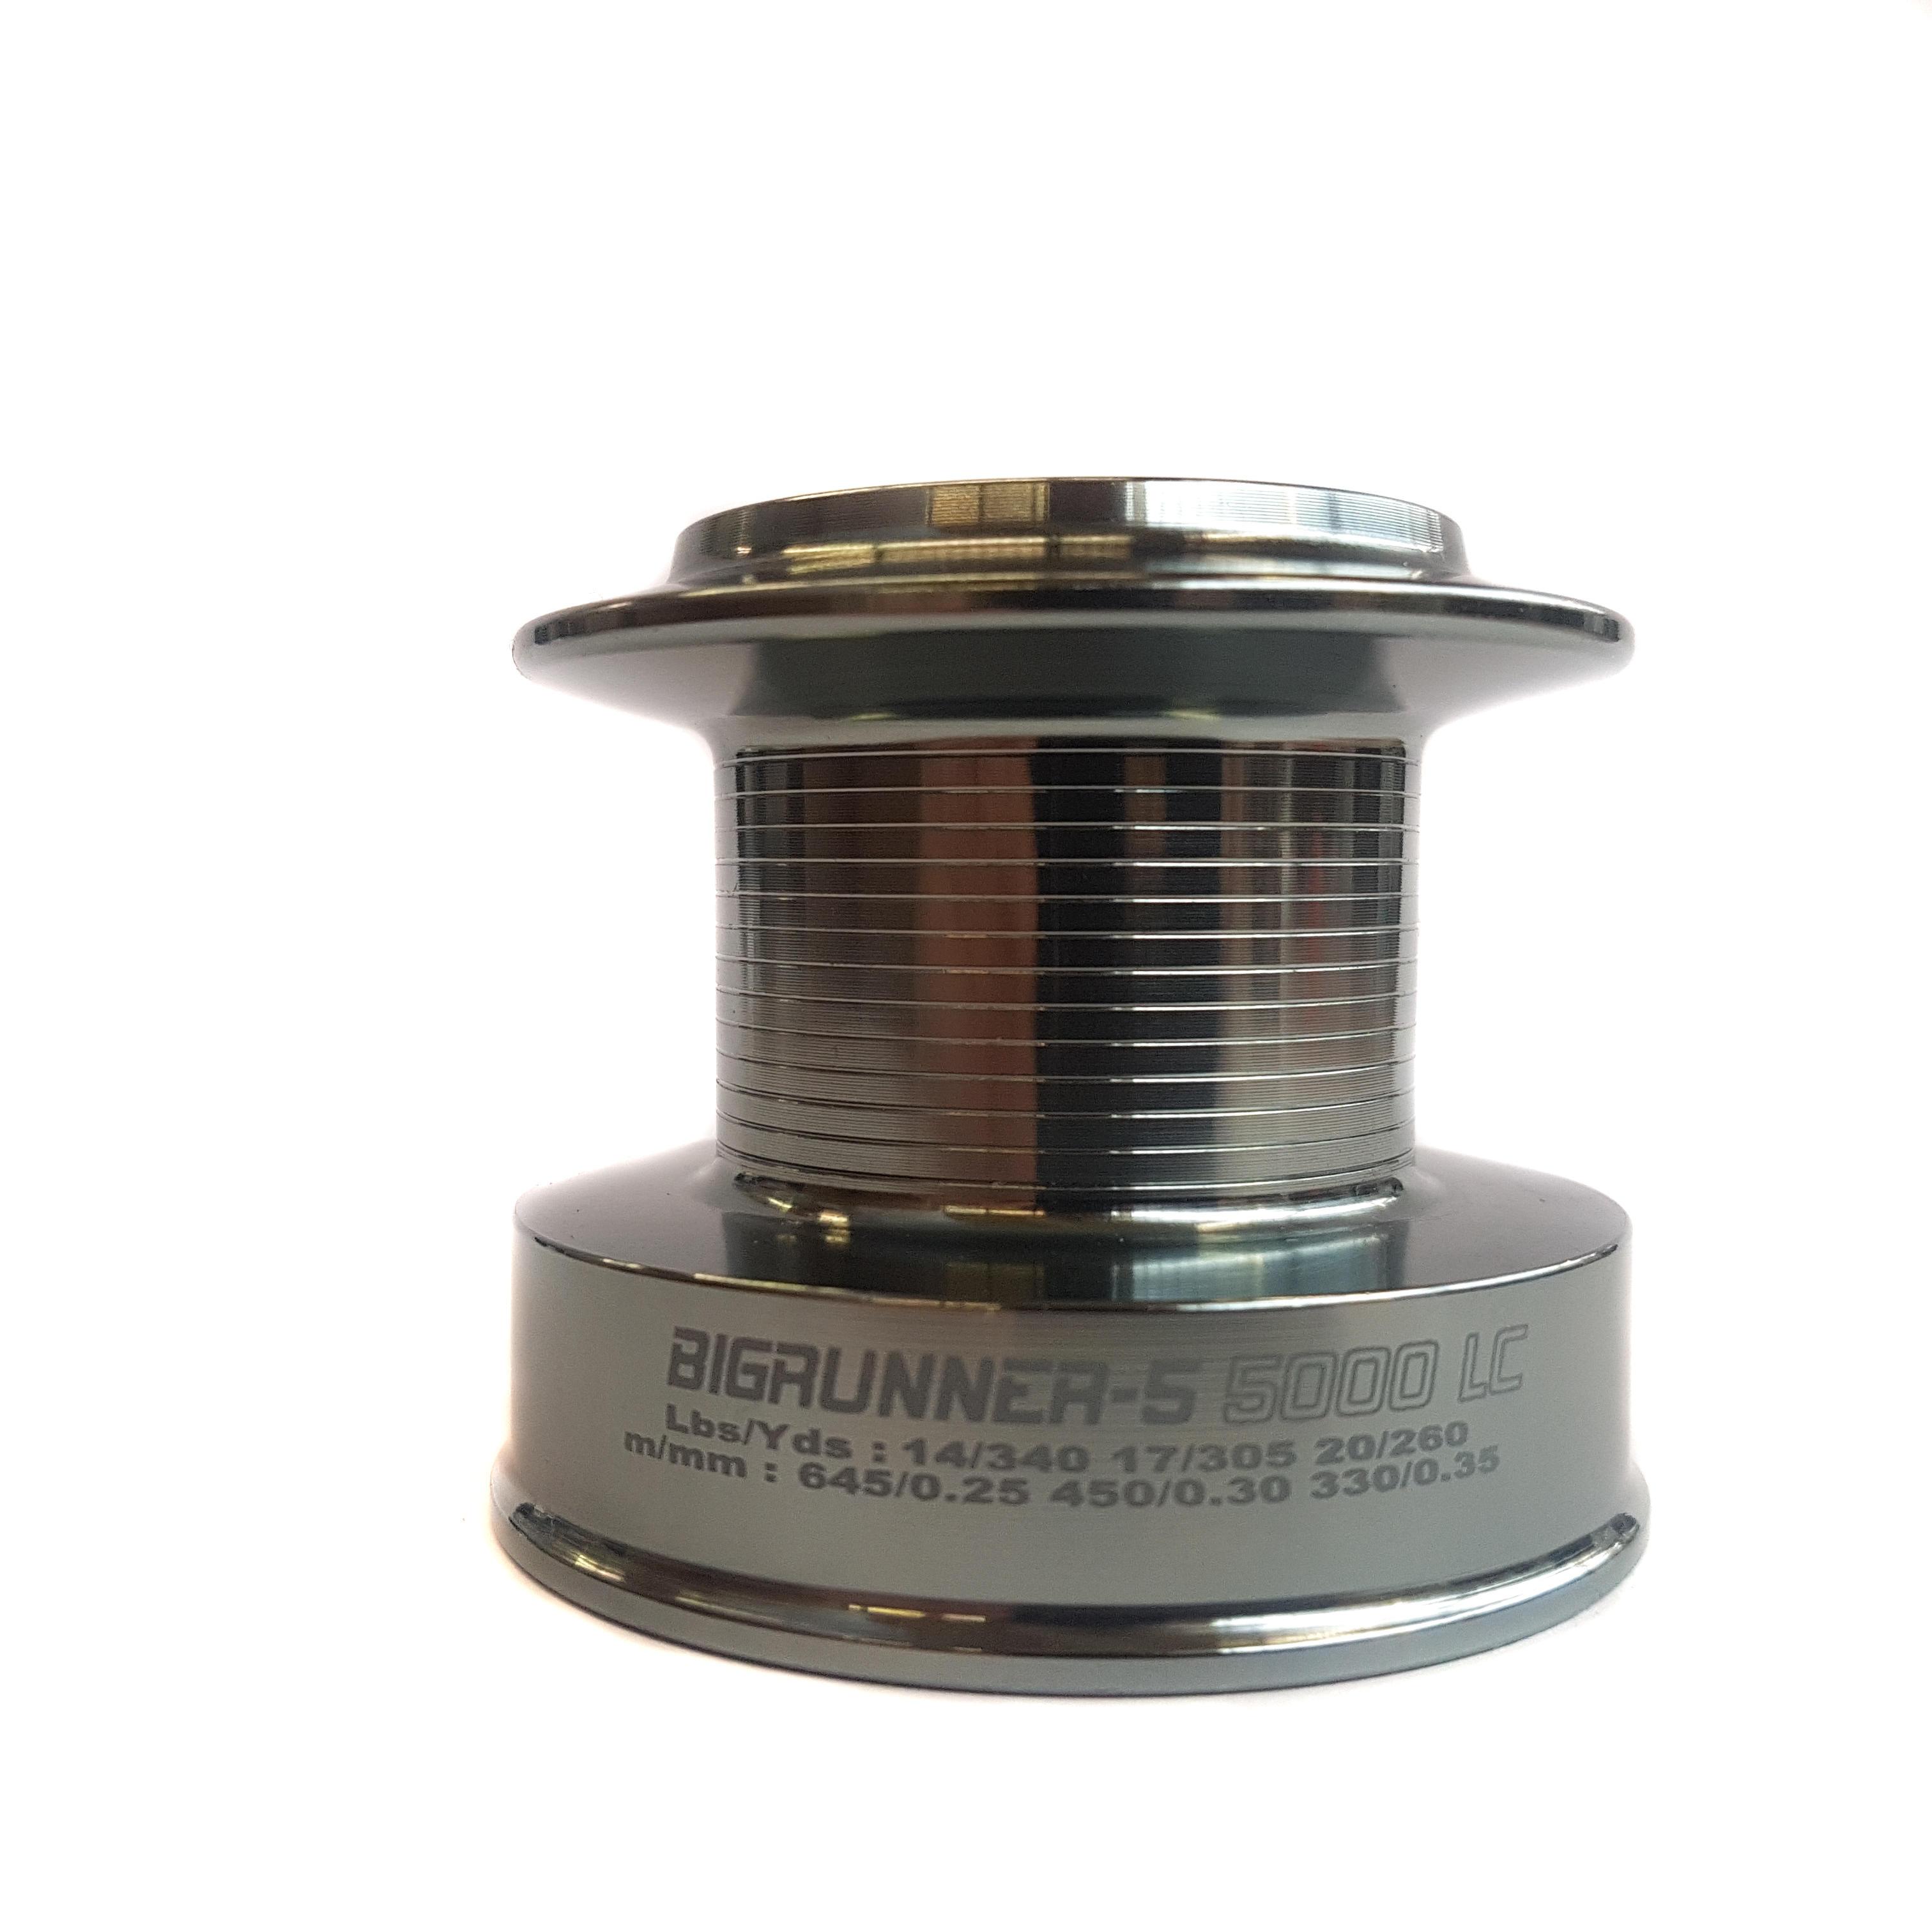 Tambur Bigrunner-5 5000 LC